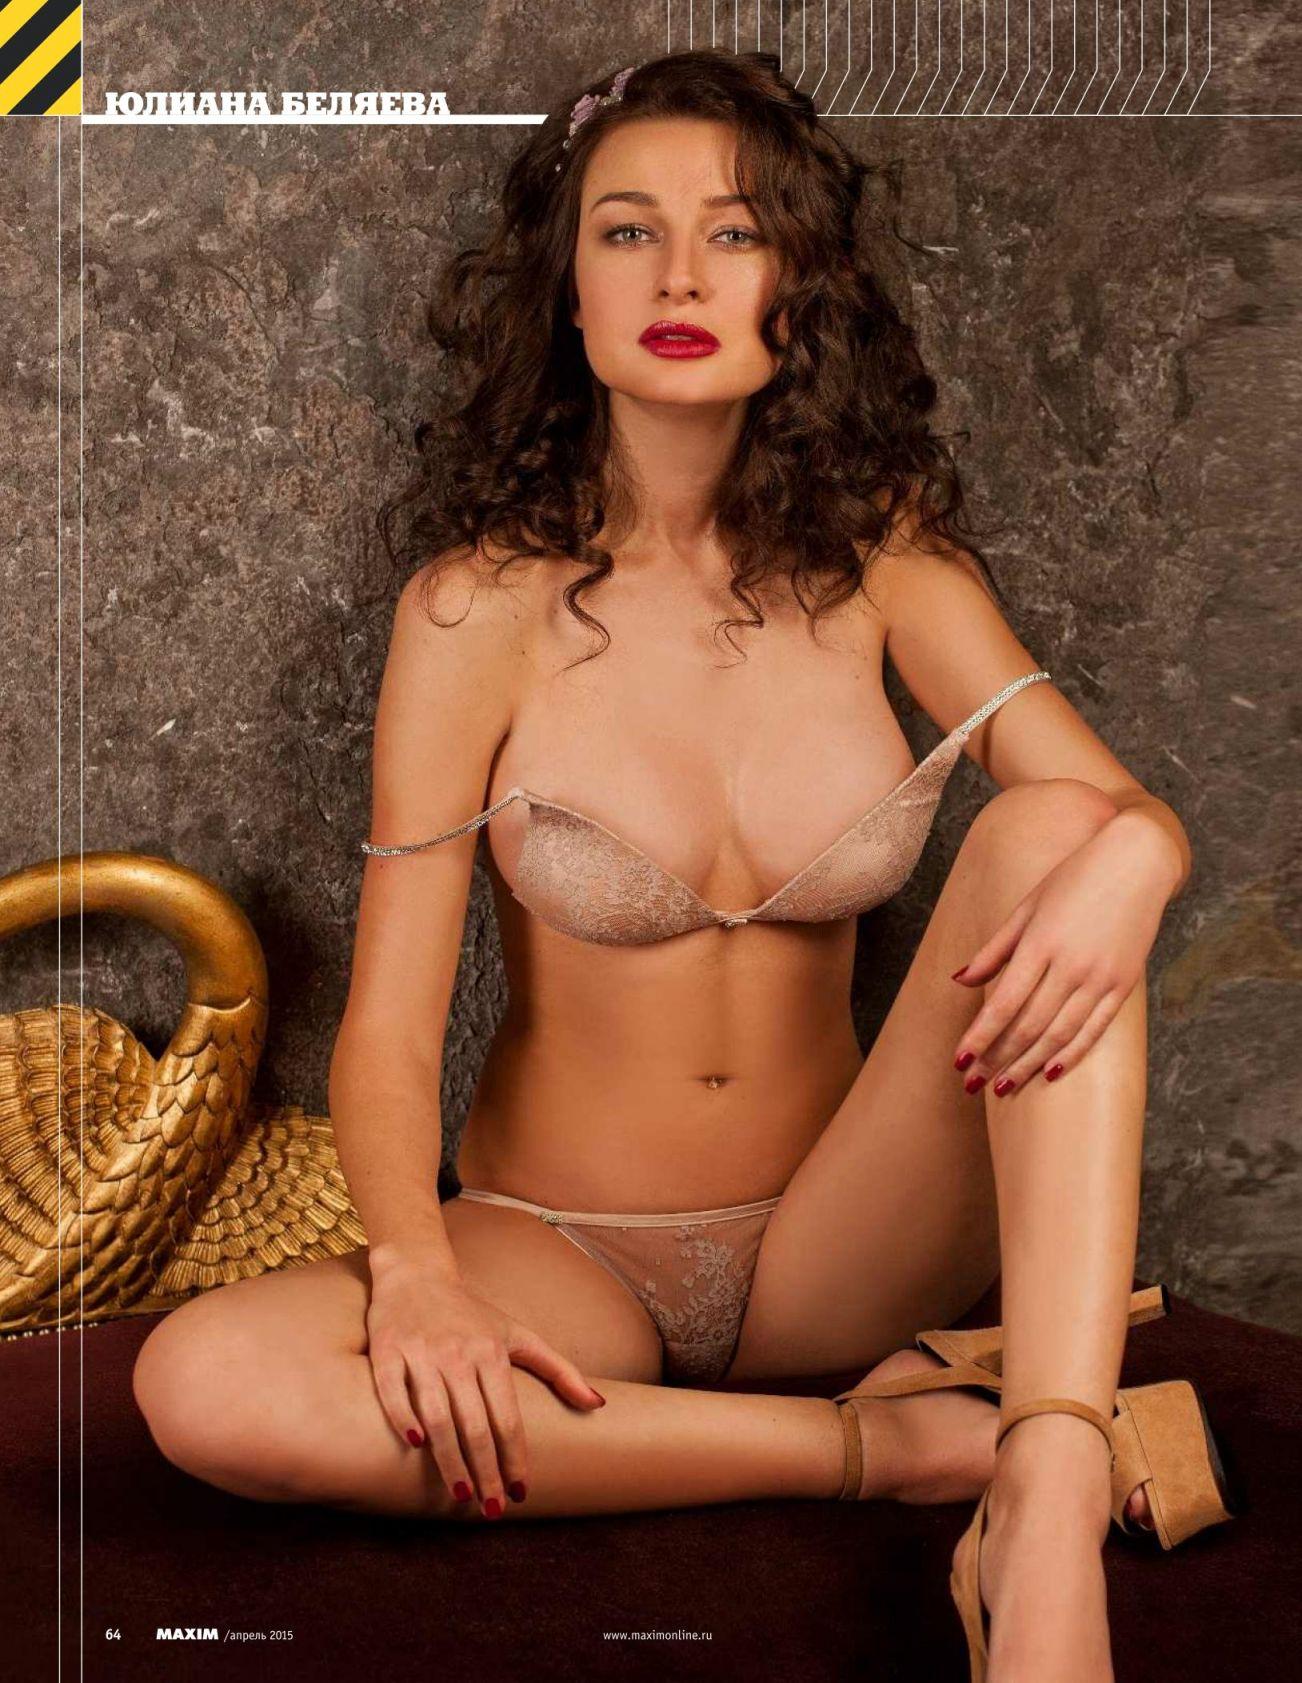 Yulianna Belyaeva Sexy Lingerie 8